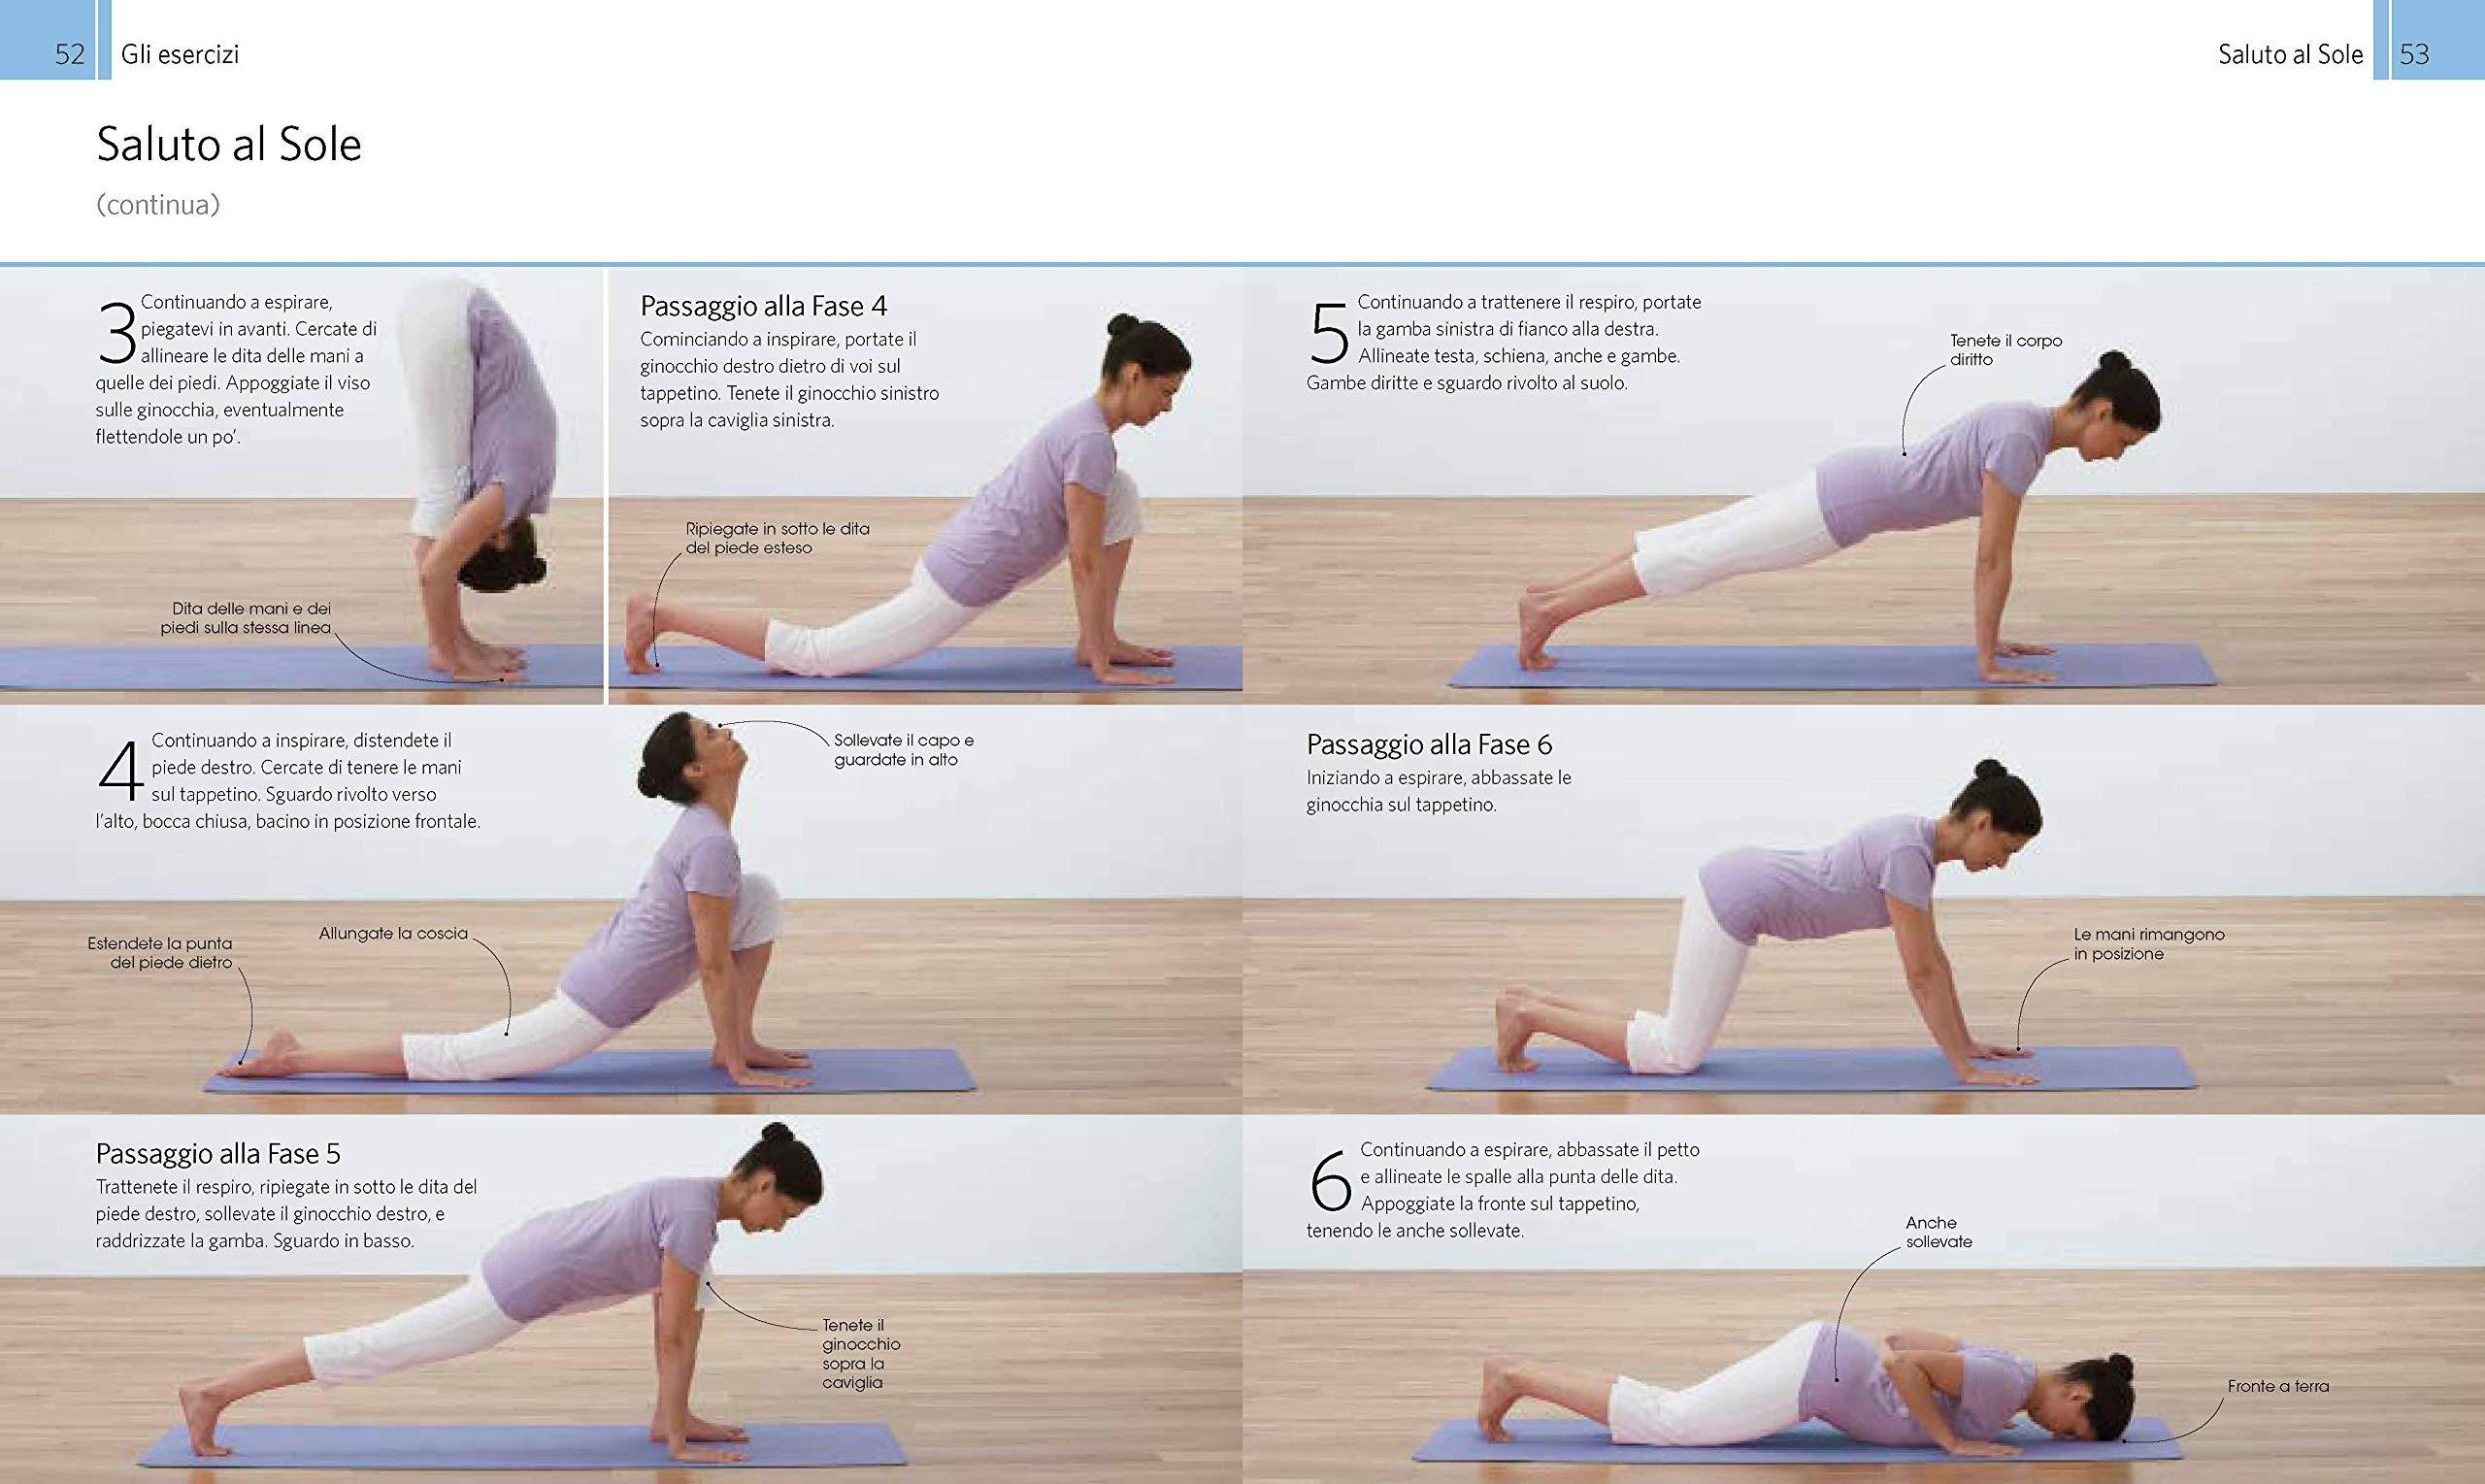 esercizio fisico plank affatica il cuore